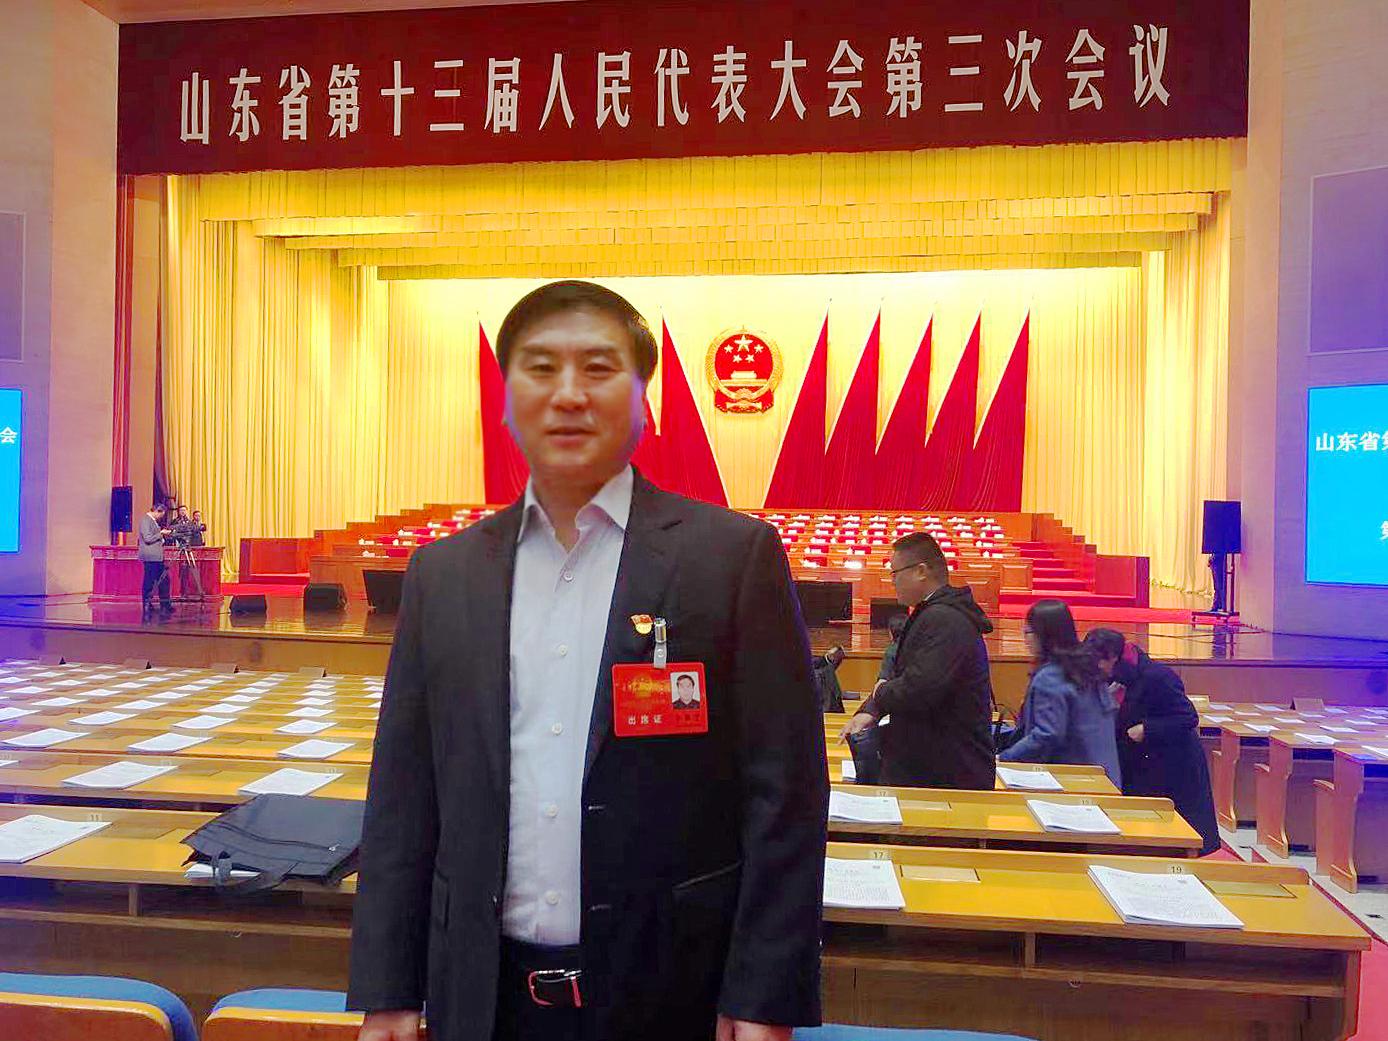 道恩于晓宁董事长出席山东省十三届人大三次会议